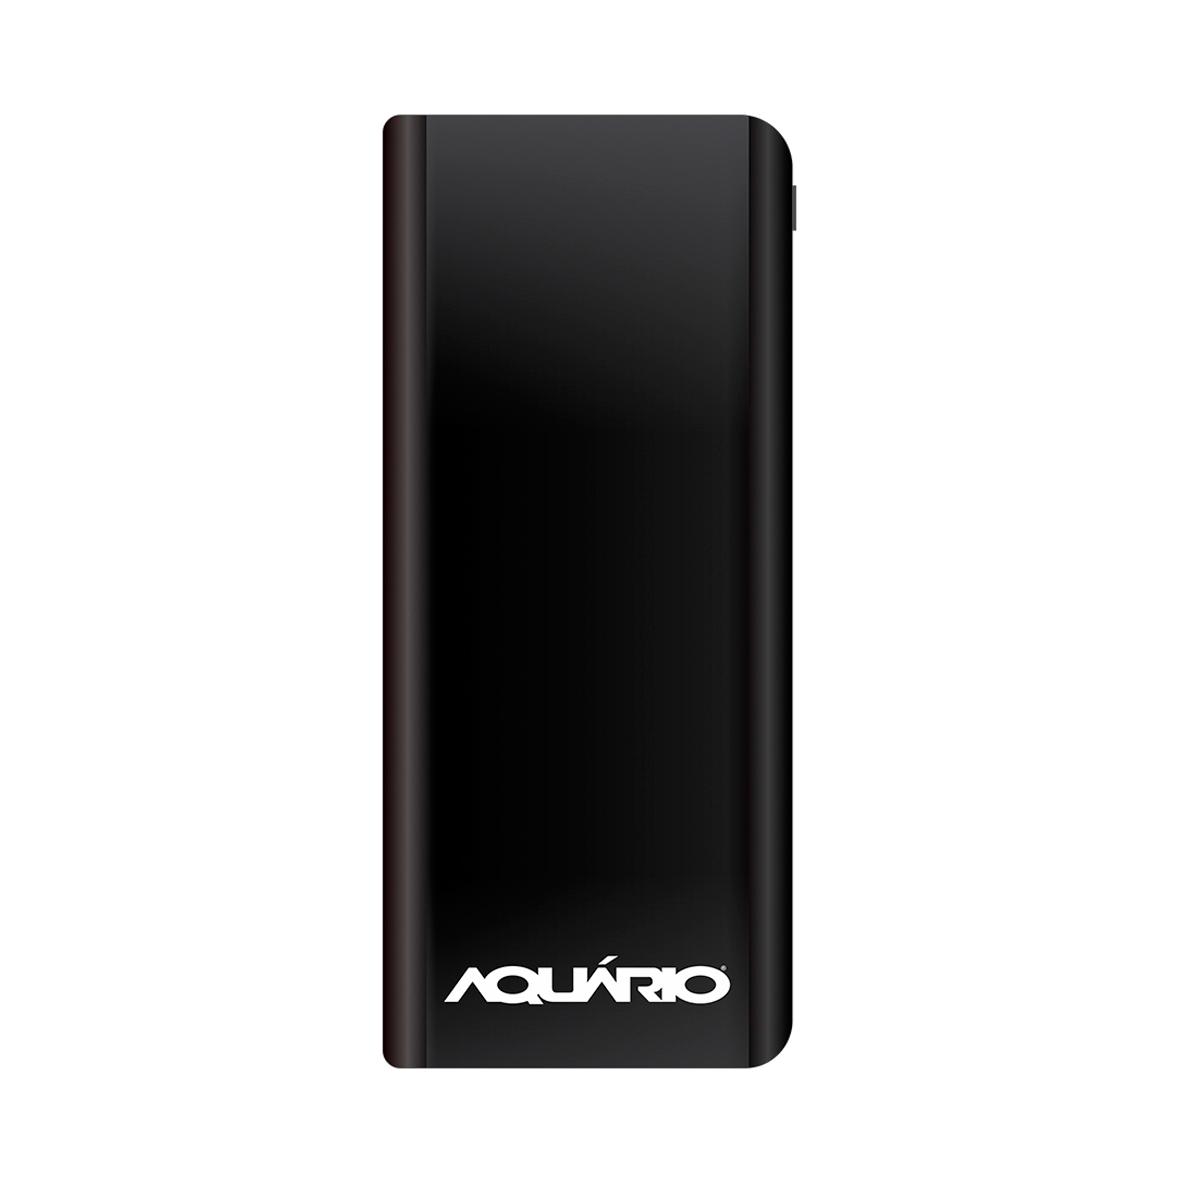 Carregador Portátil USB 10.000 MAH CP-10000 - Aquário